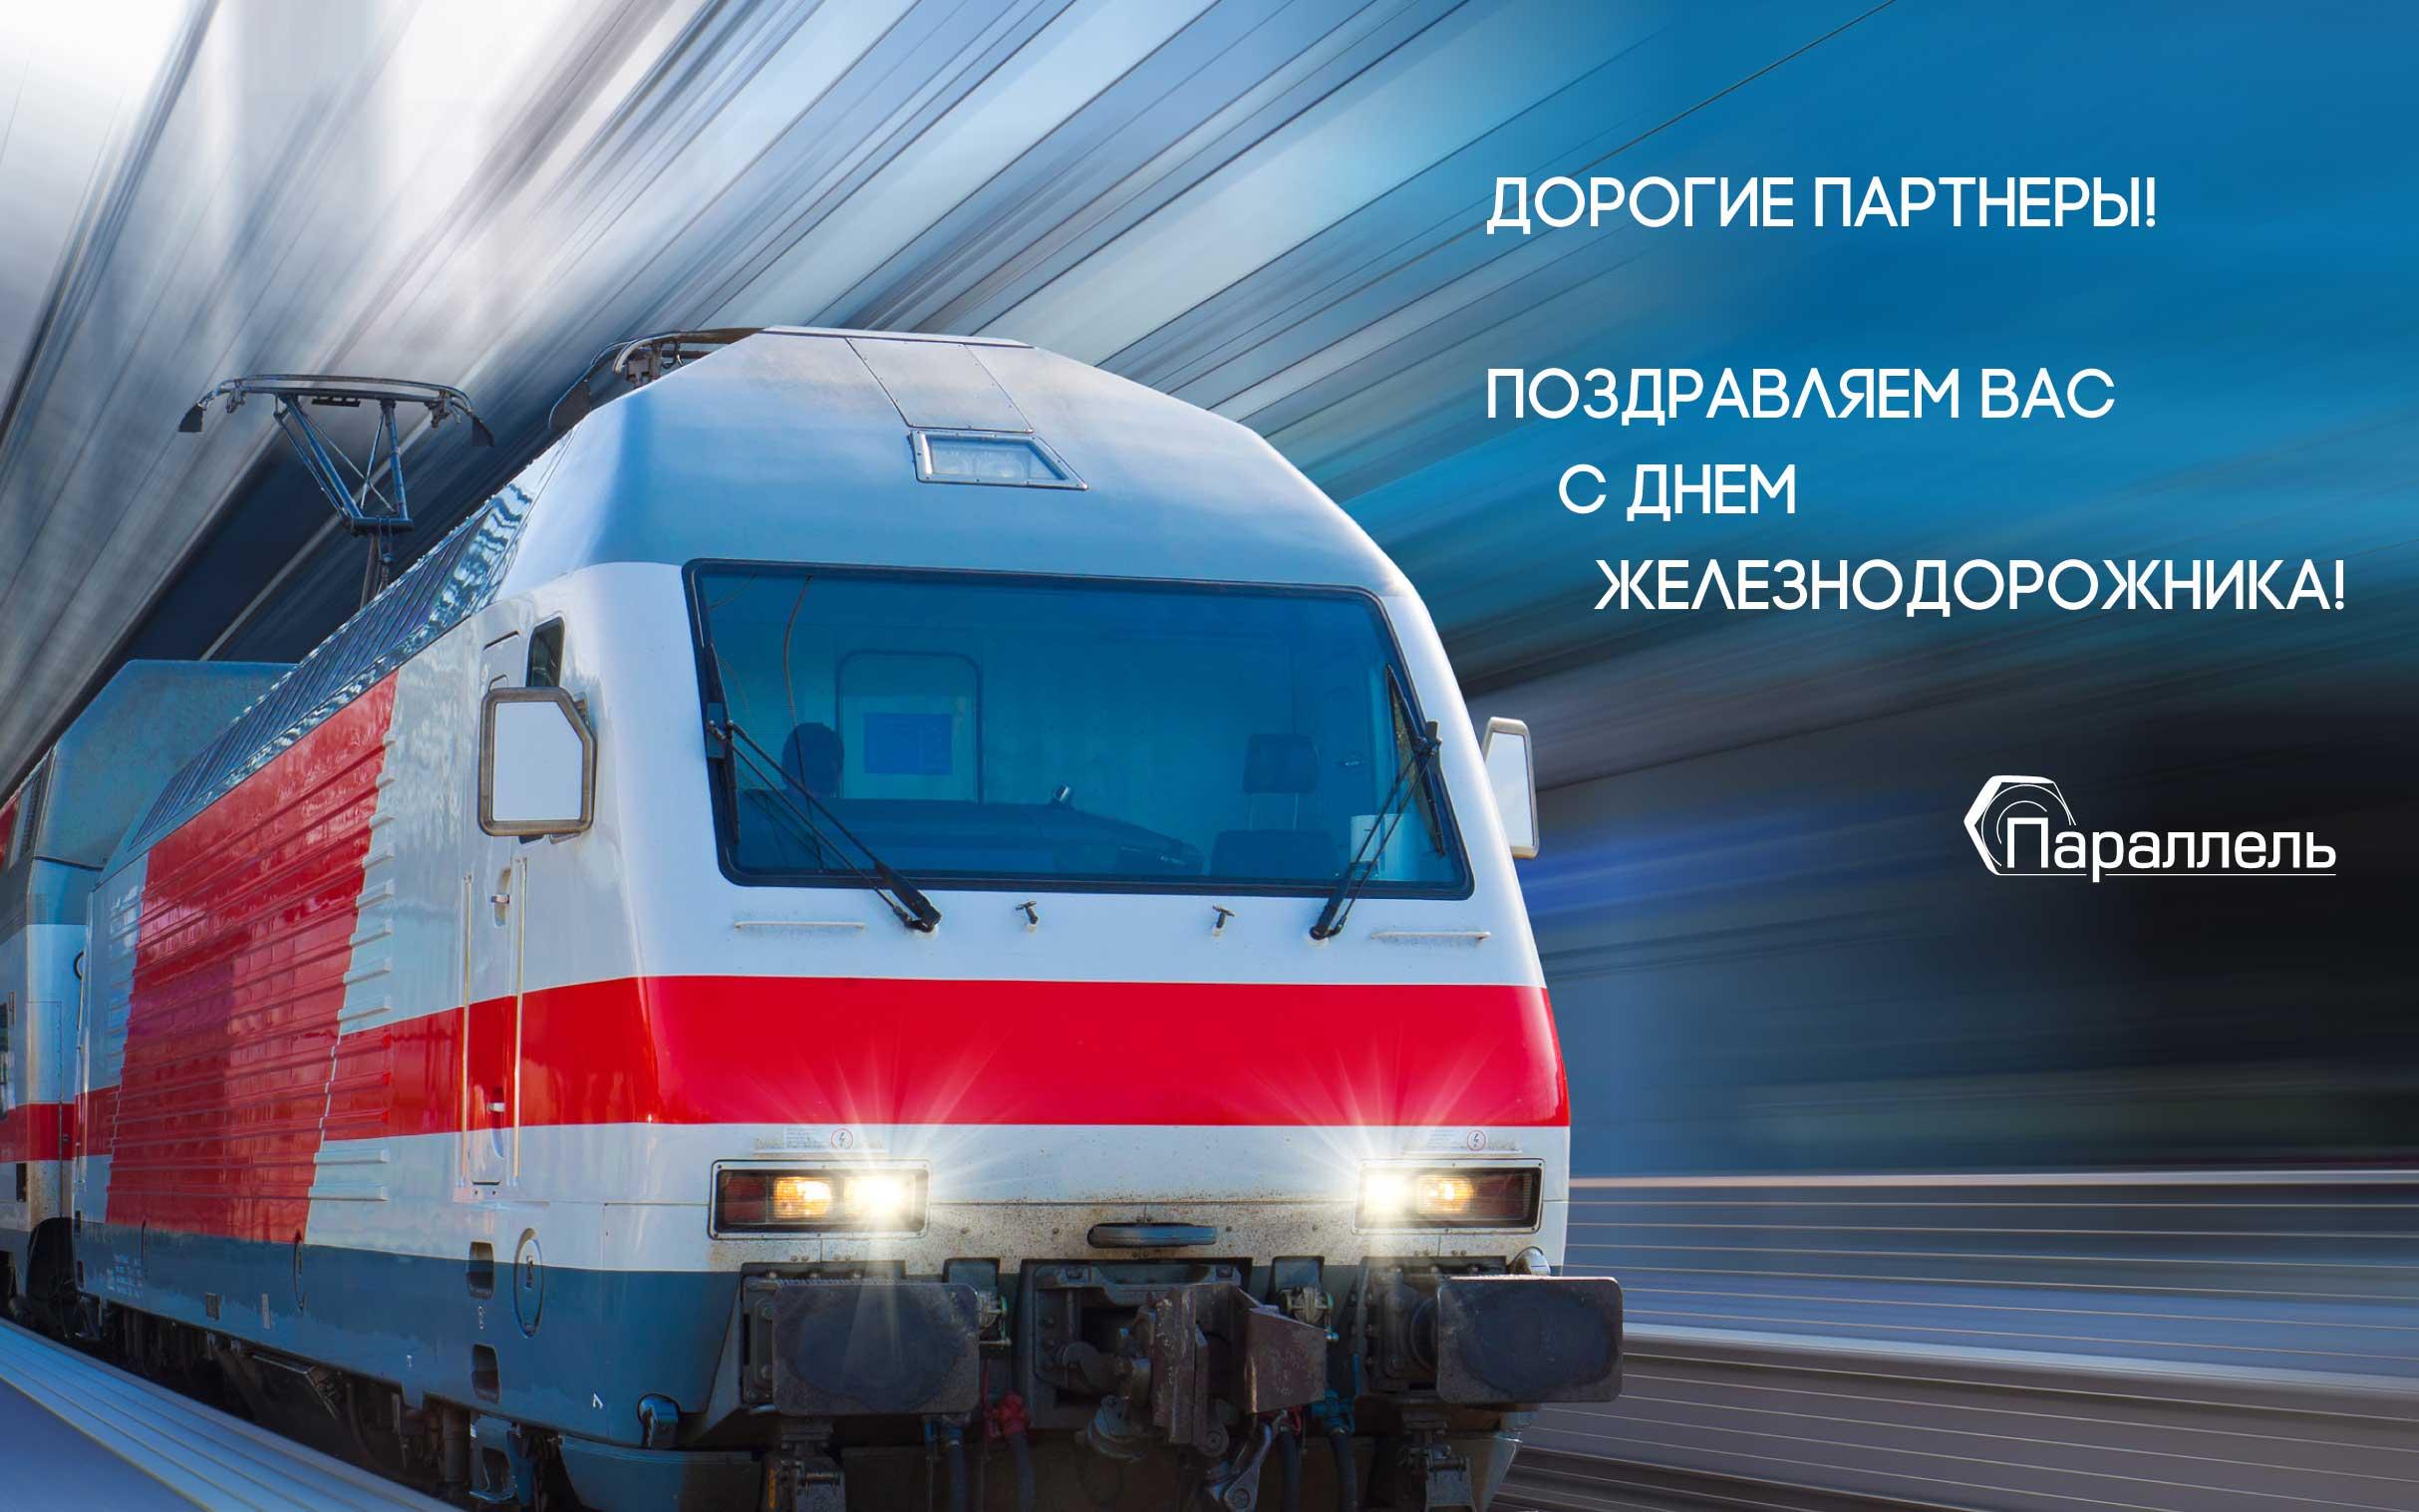 Поздравления от глав с днем железнодорожника 60